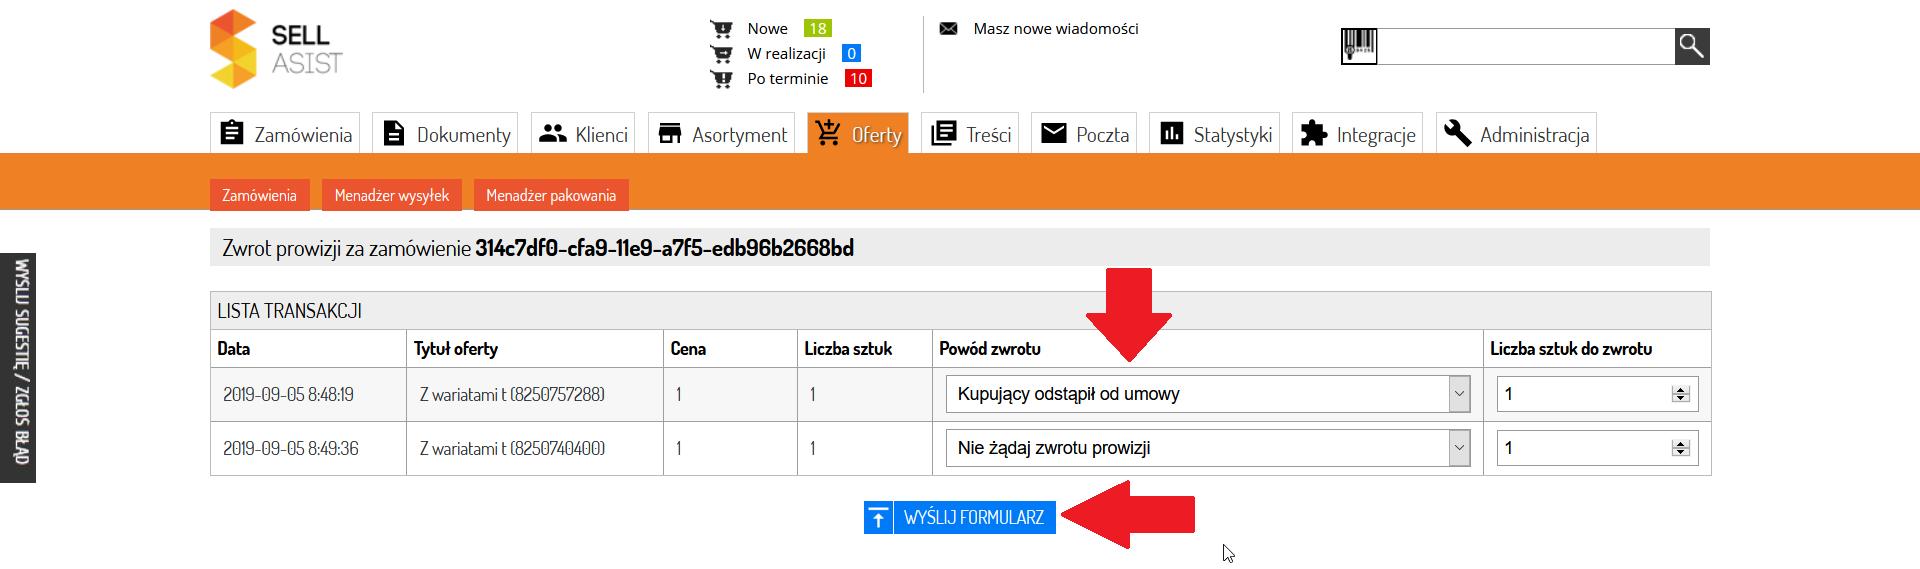 Jak Anulowac Zamowienie Oczekujace I Uzyskac Zwrot Prowizji Z Allegro Zarzadzanie Sprzedaza Internetowa Integracja Sklepu Z Allego Amazon Ebay